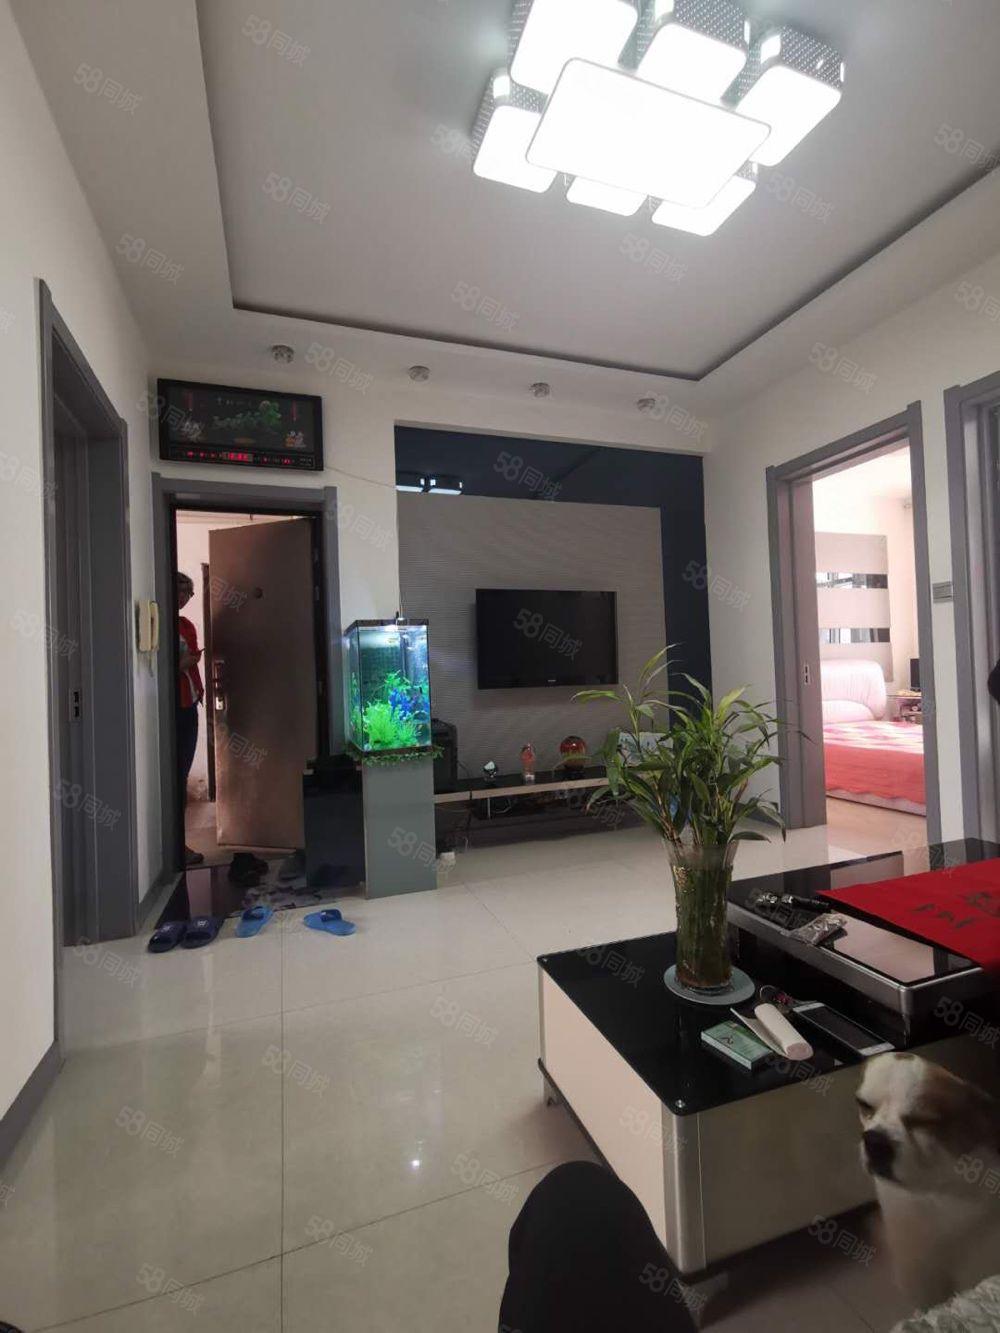 圓夢房產公路段吉瑞小區3樓65平35萬房本過五